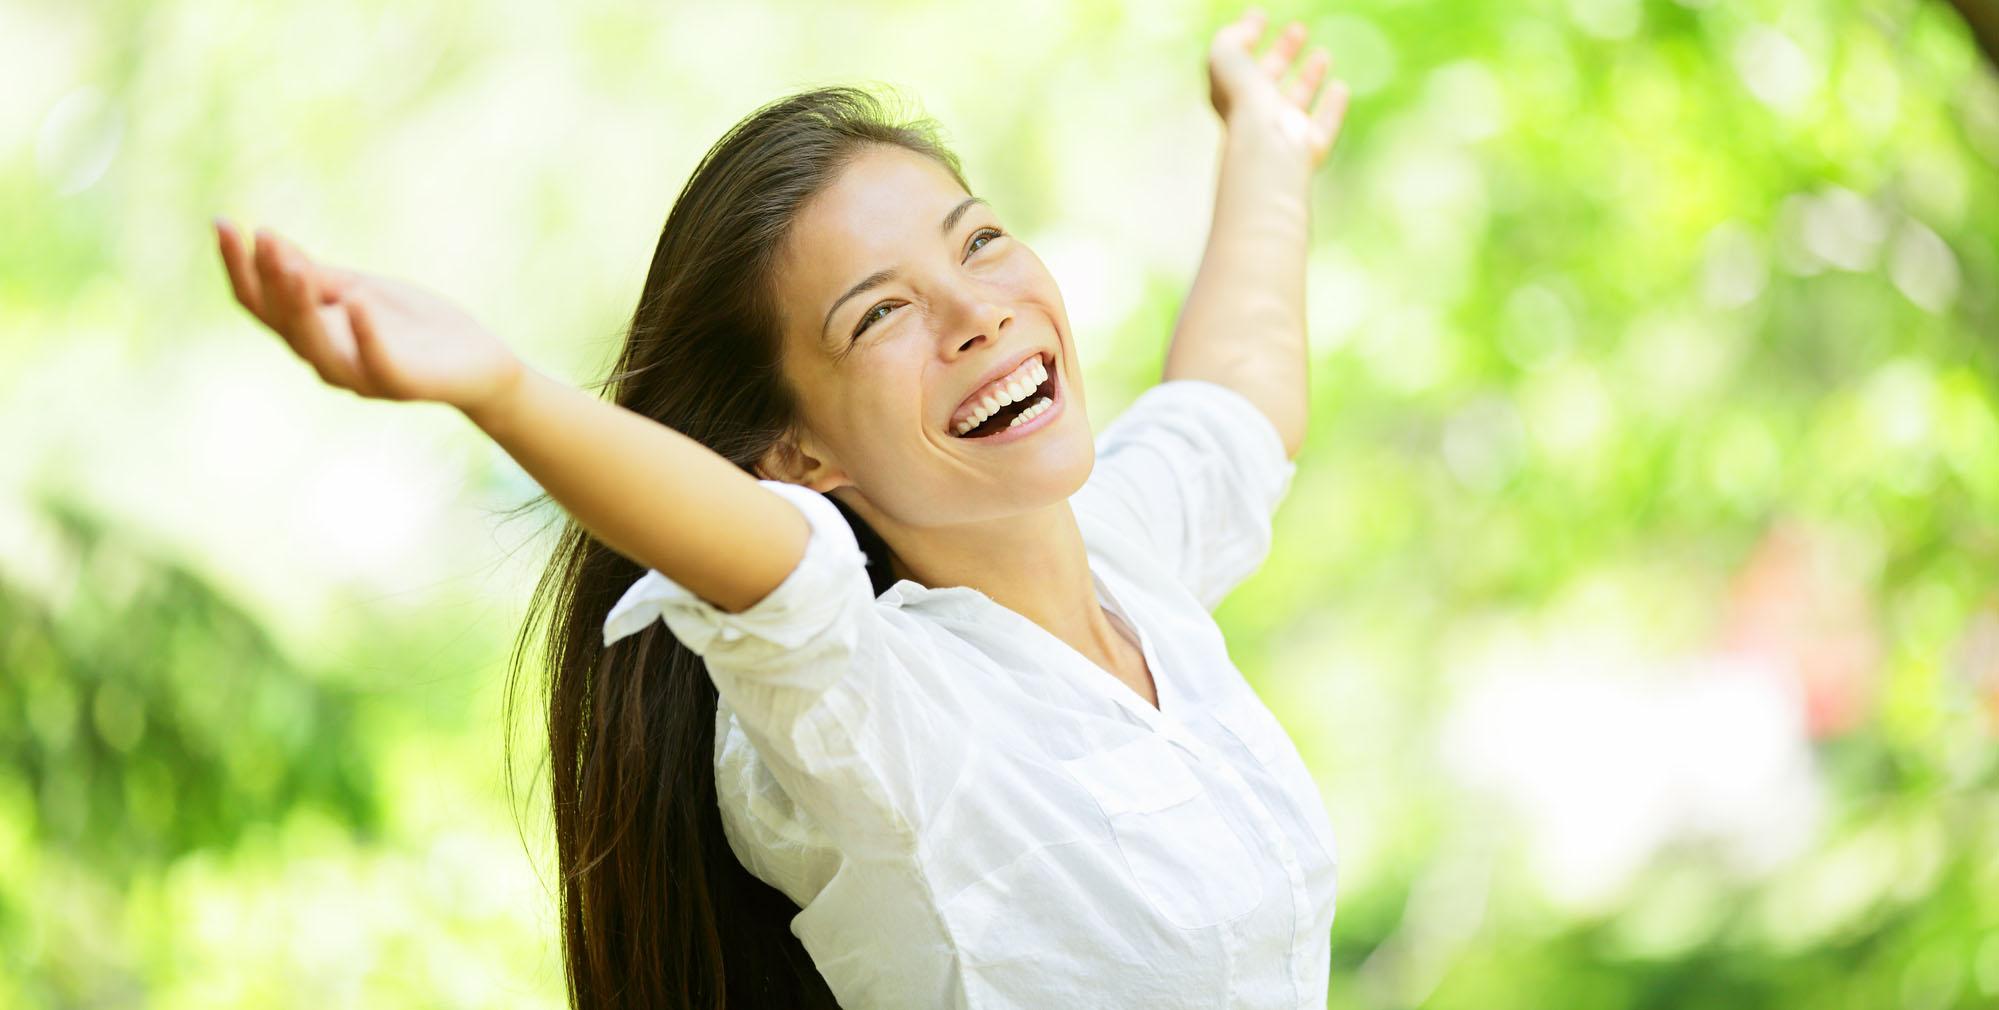 Картинка радость восторг